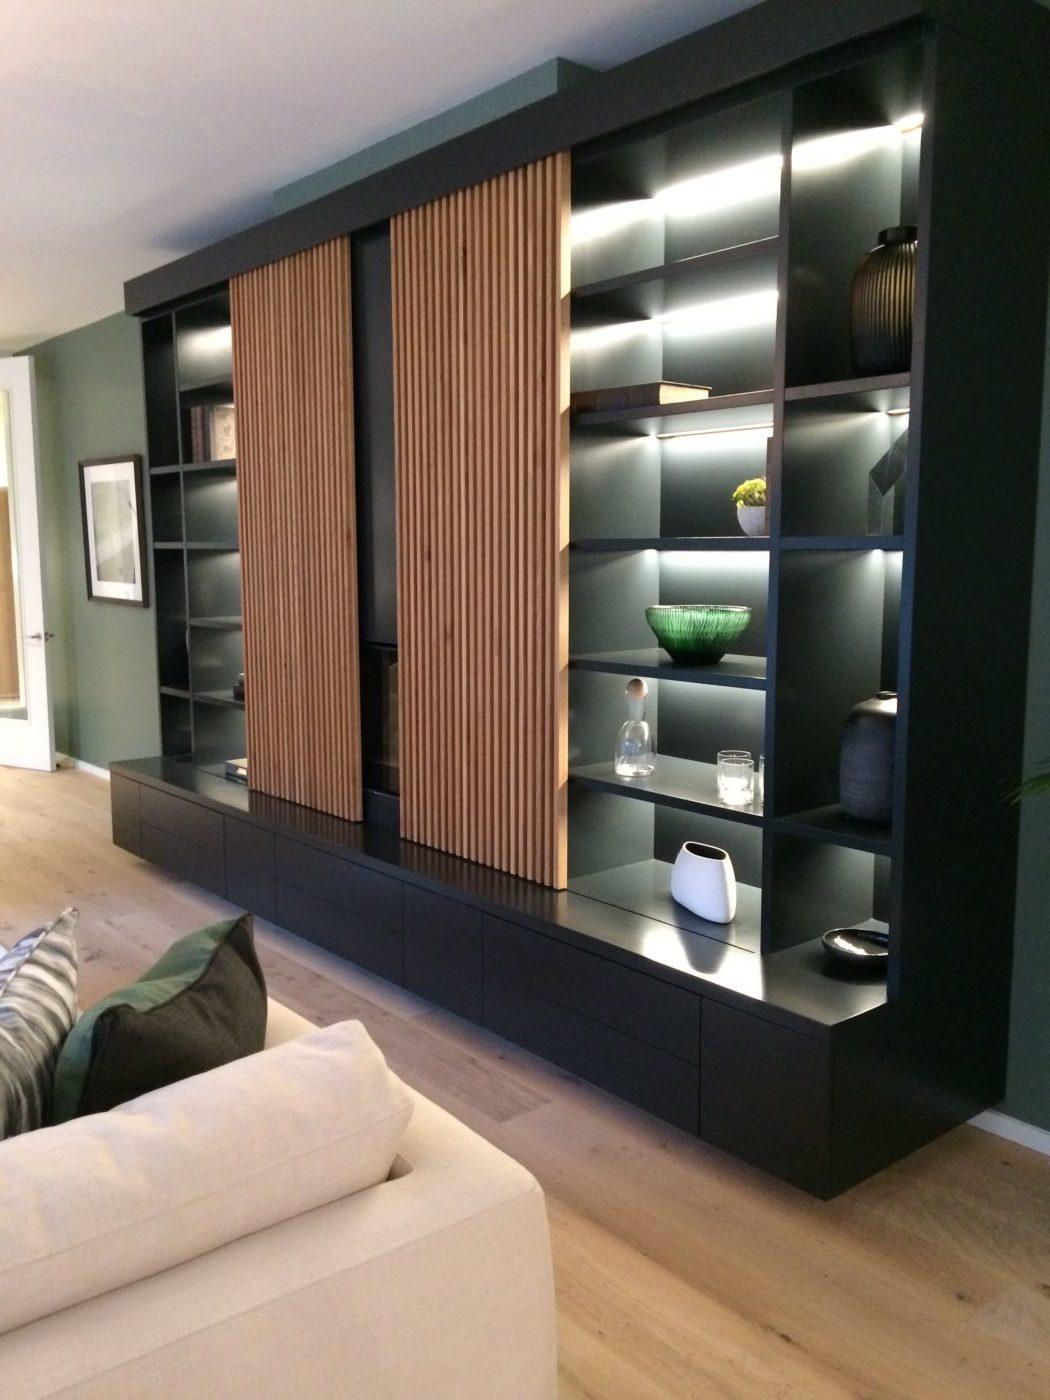 Consultations with Pollard Design - image of interior design